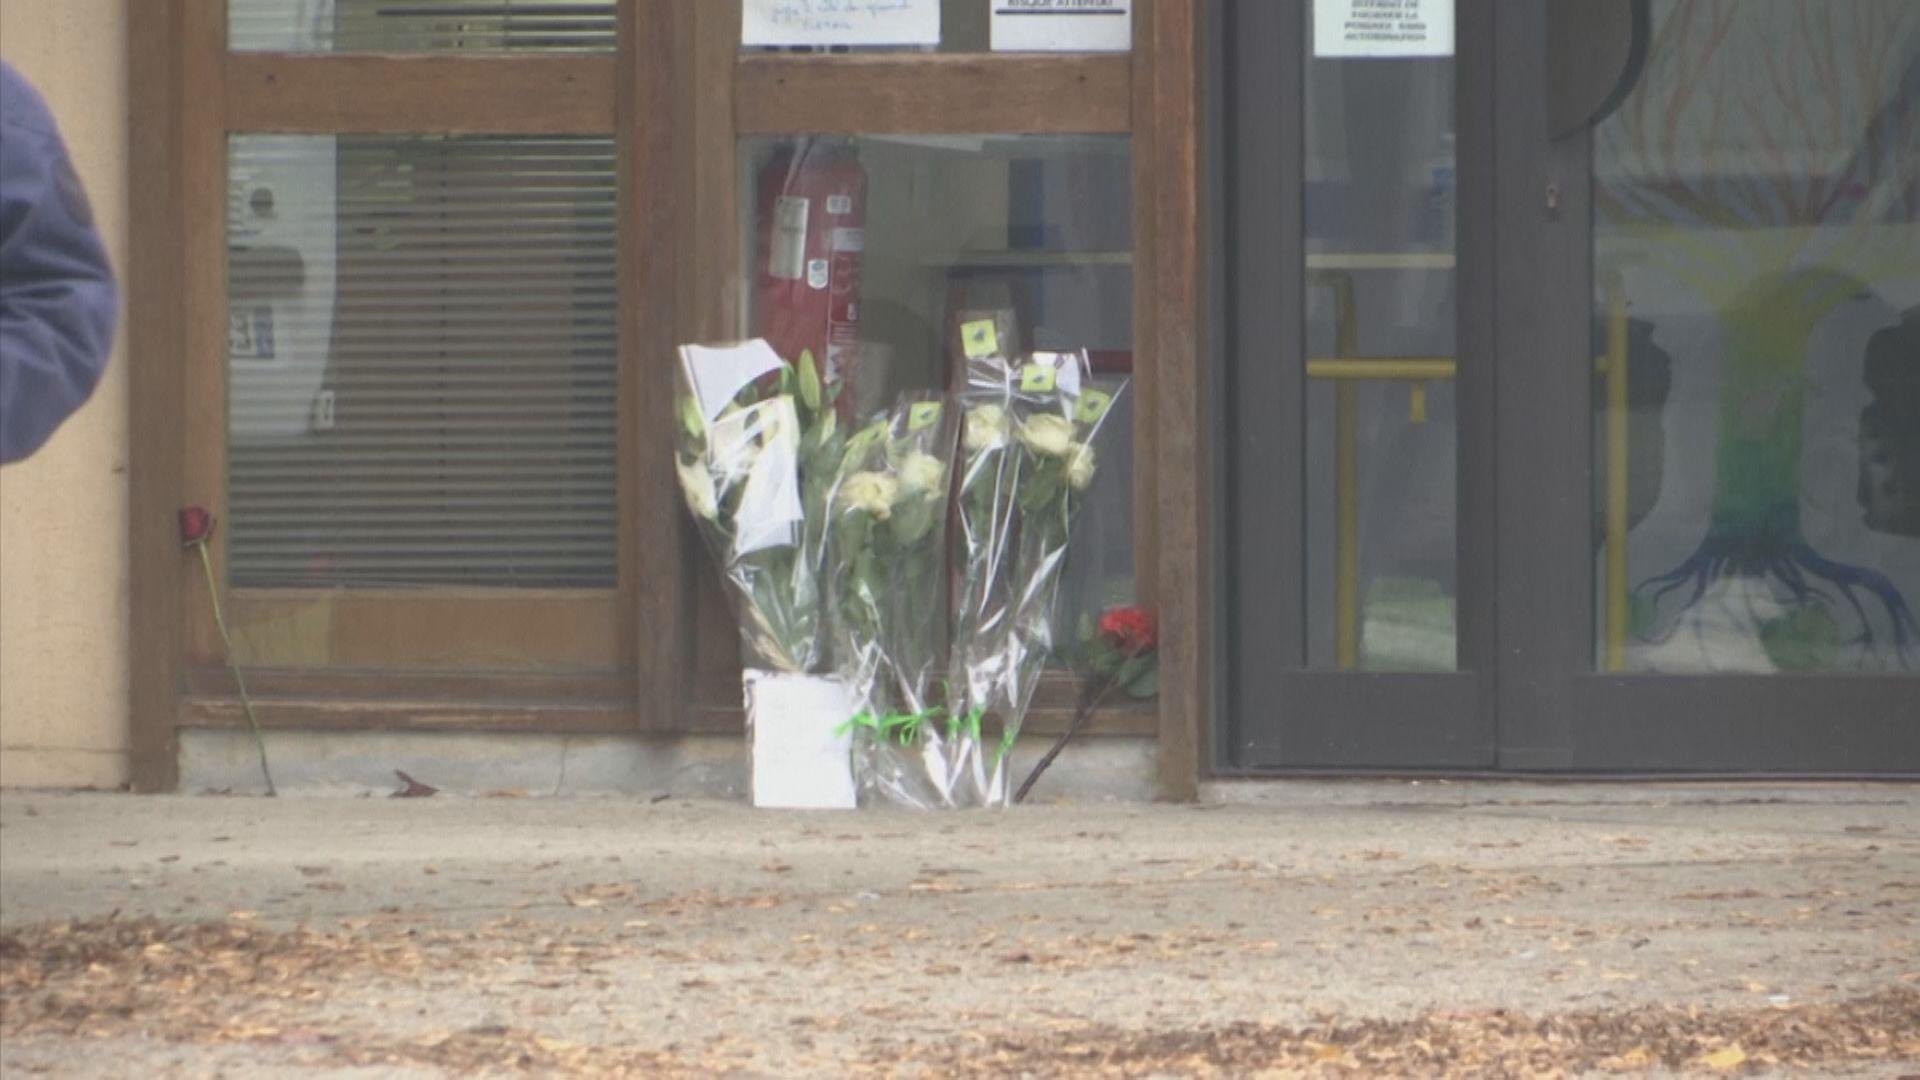 法國教師遭斬首 當局正循恐怖活動方向調查